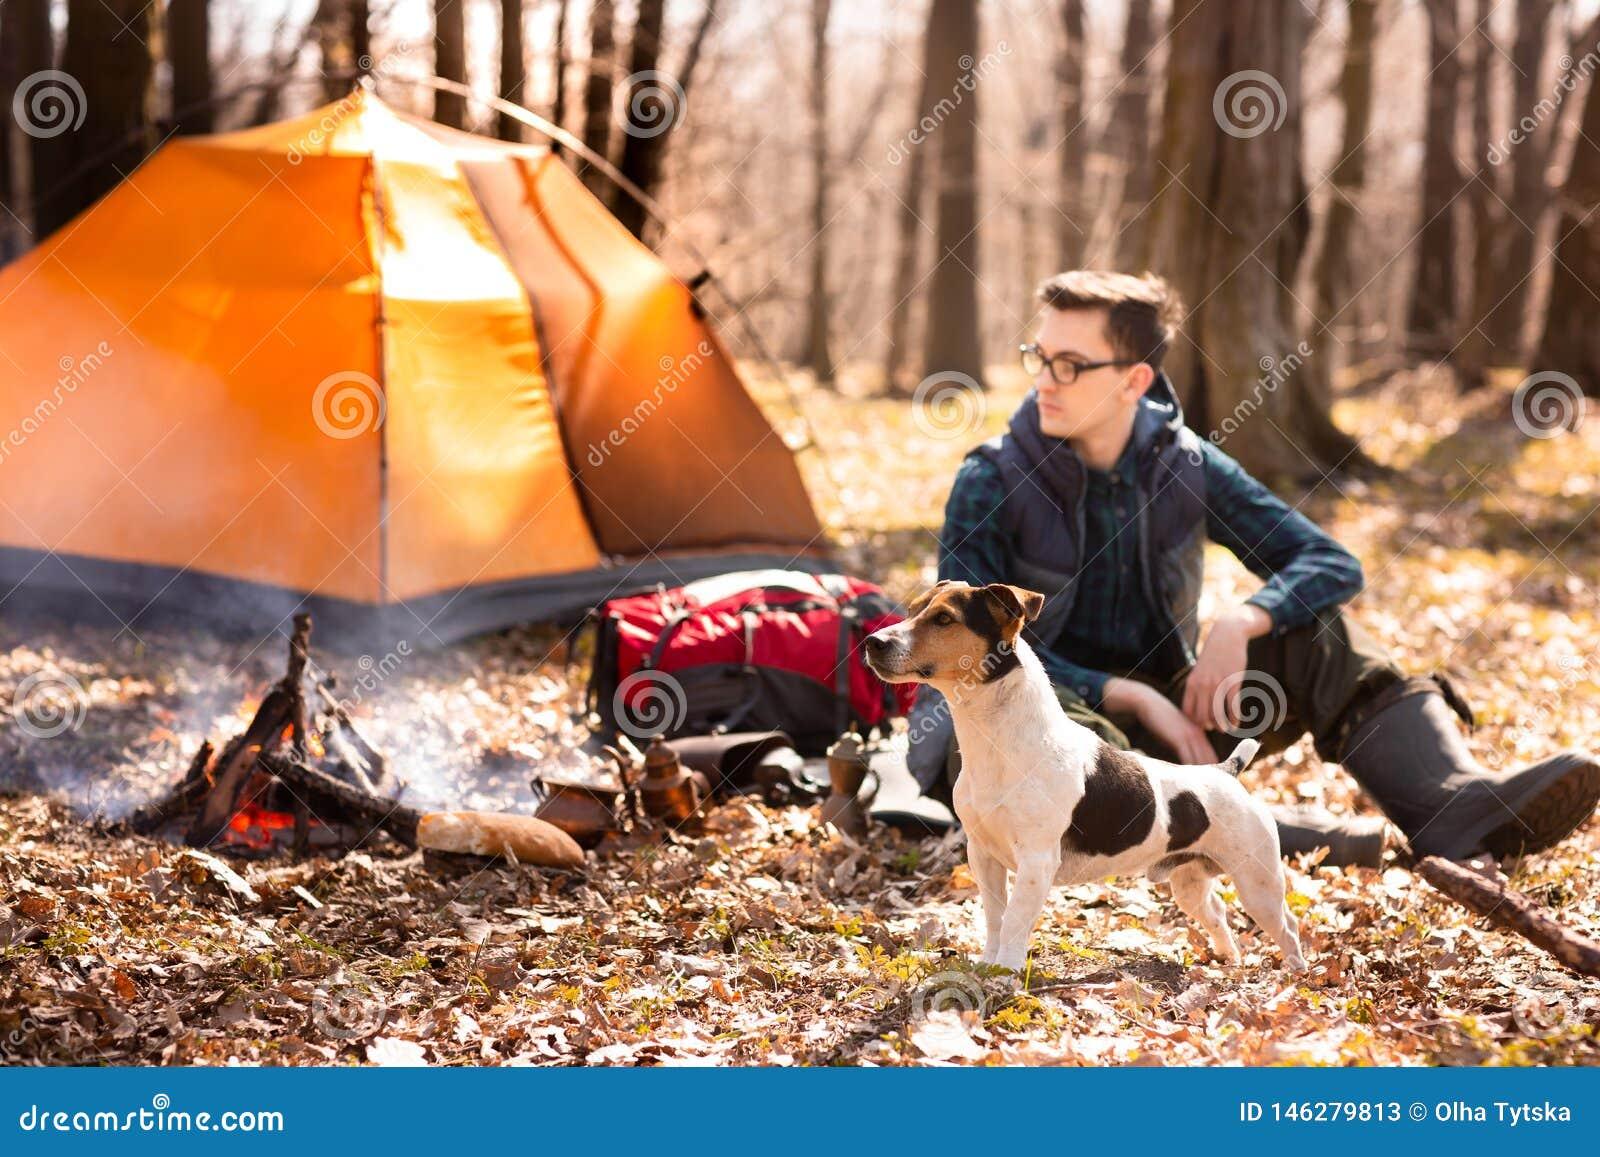 Foto de um turista com um c?o, descansando na floresta perto do fogo e da barraca alaranjada